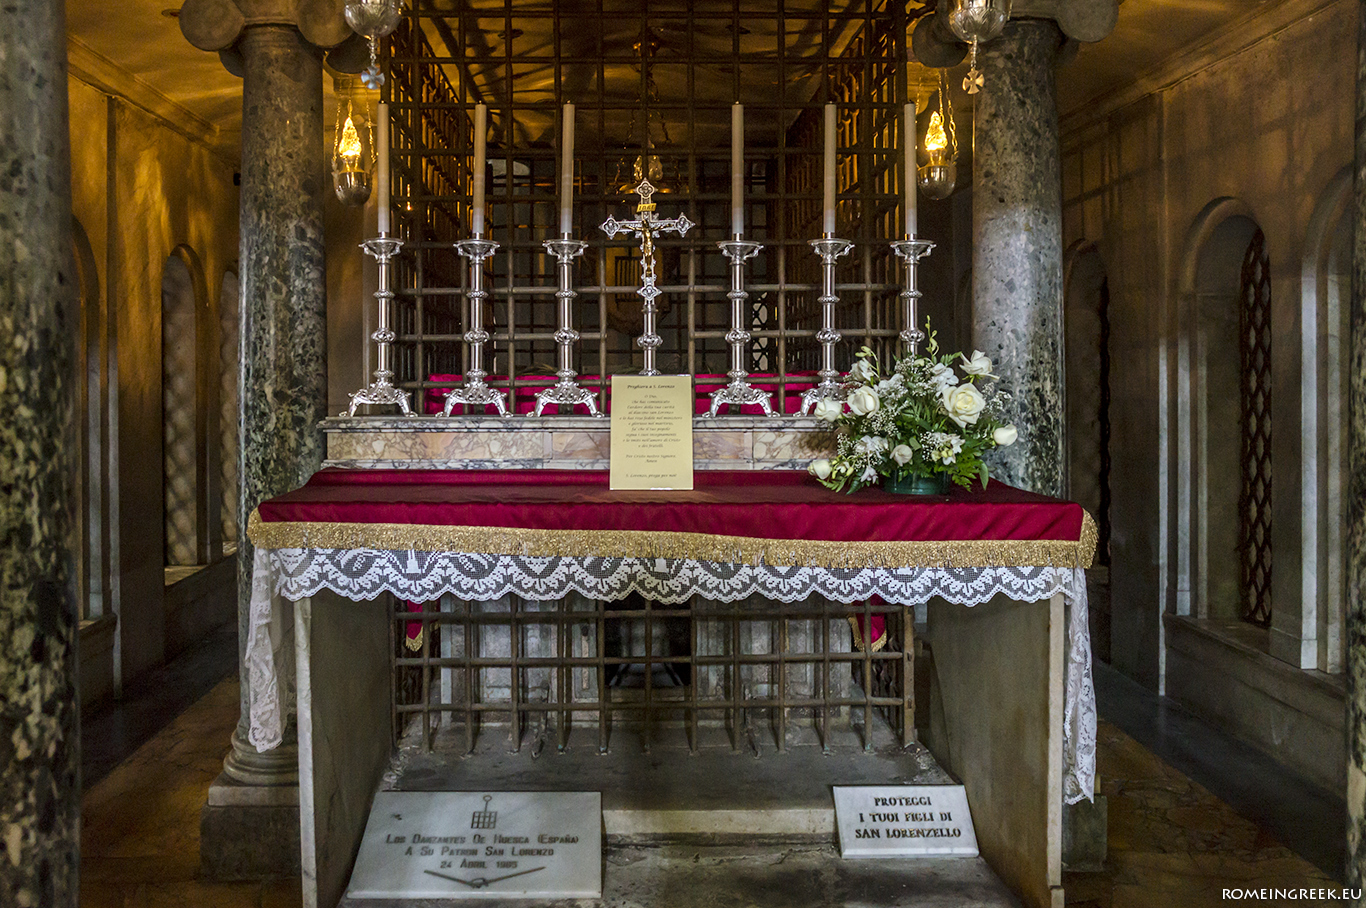 Η κρύπτη με τον τάφο του Αγ. Λαυρεντίου